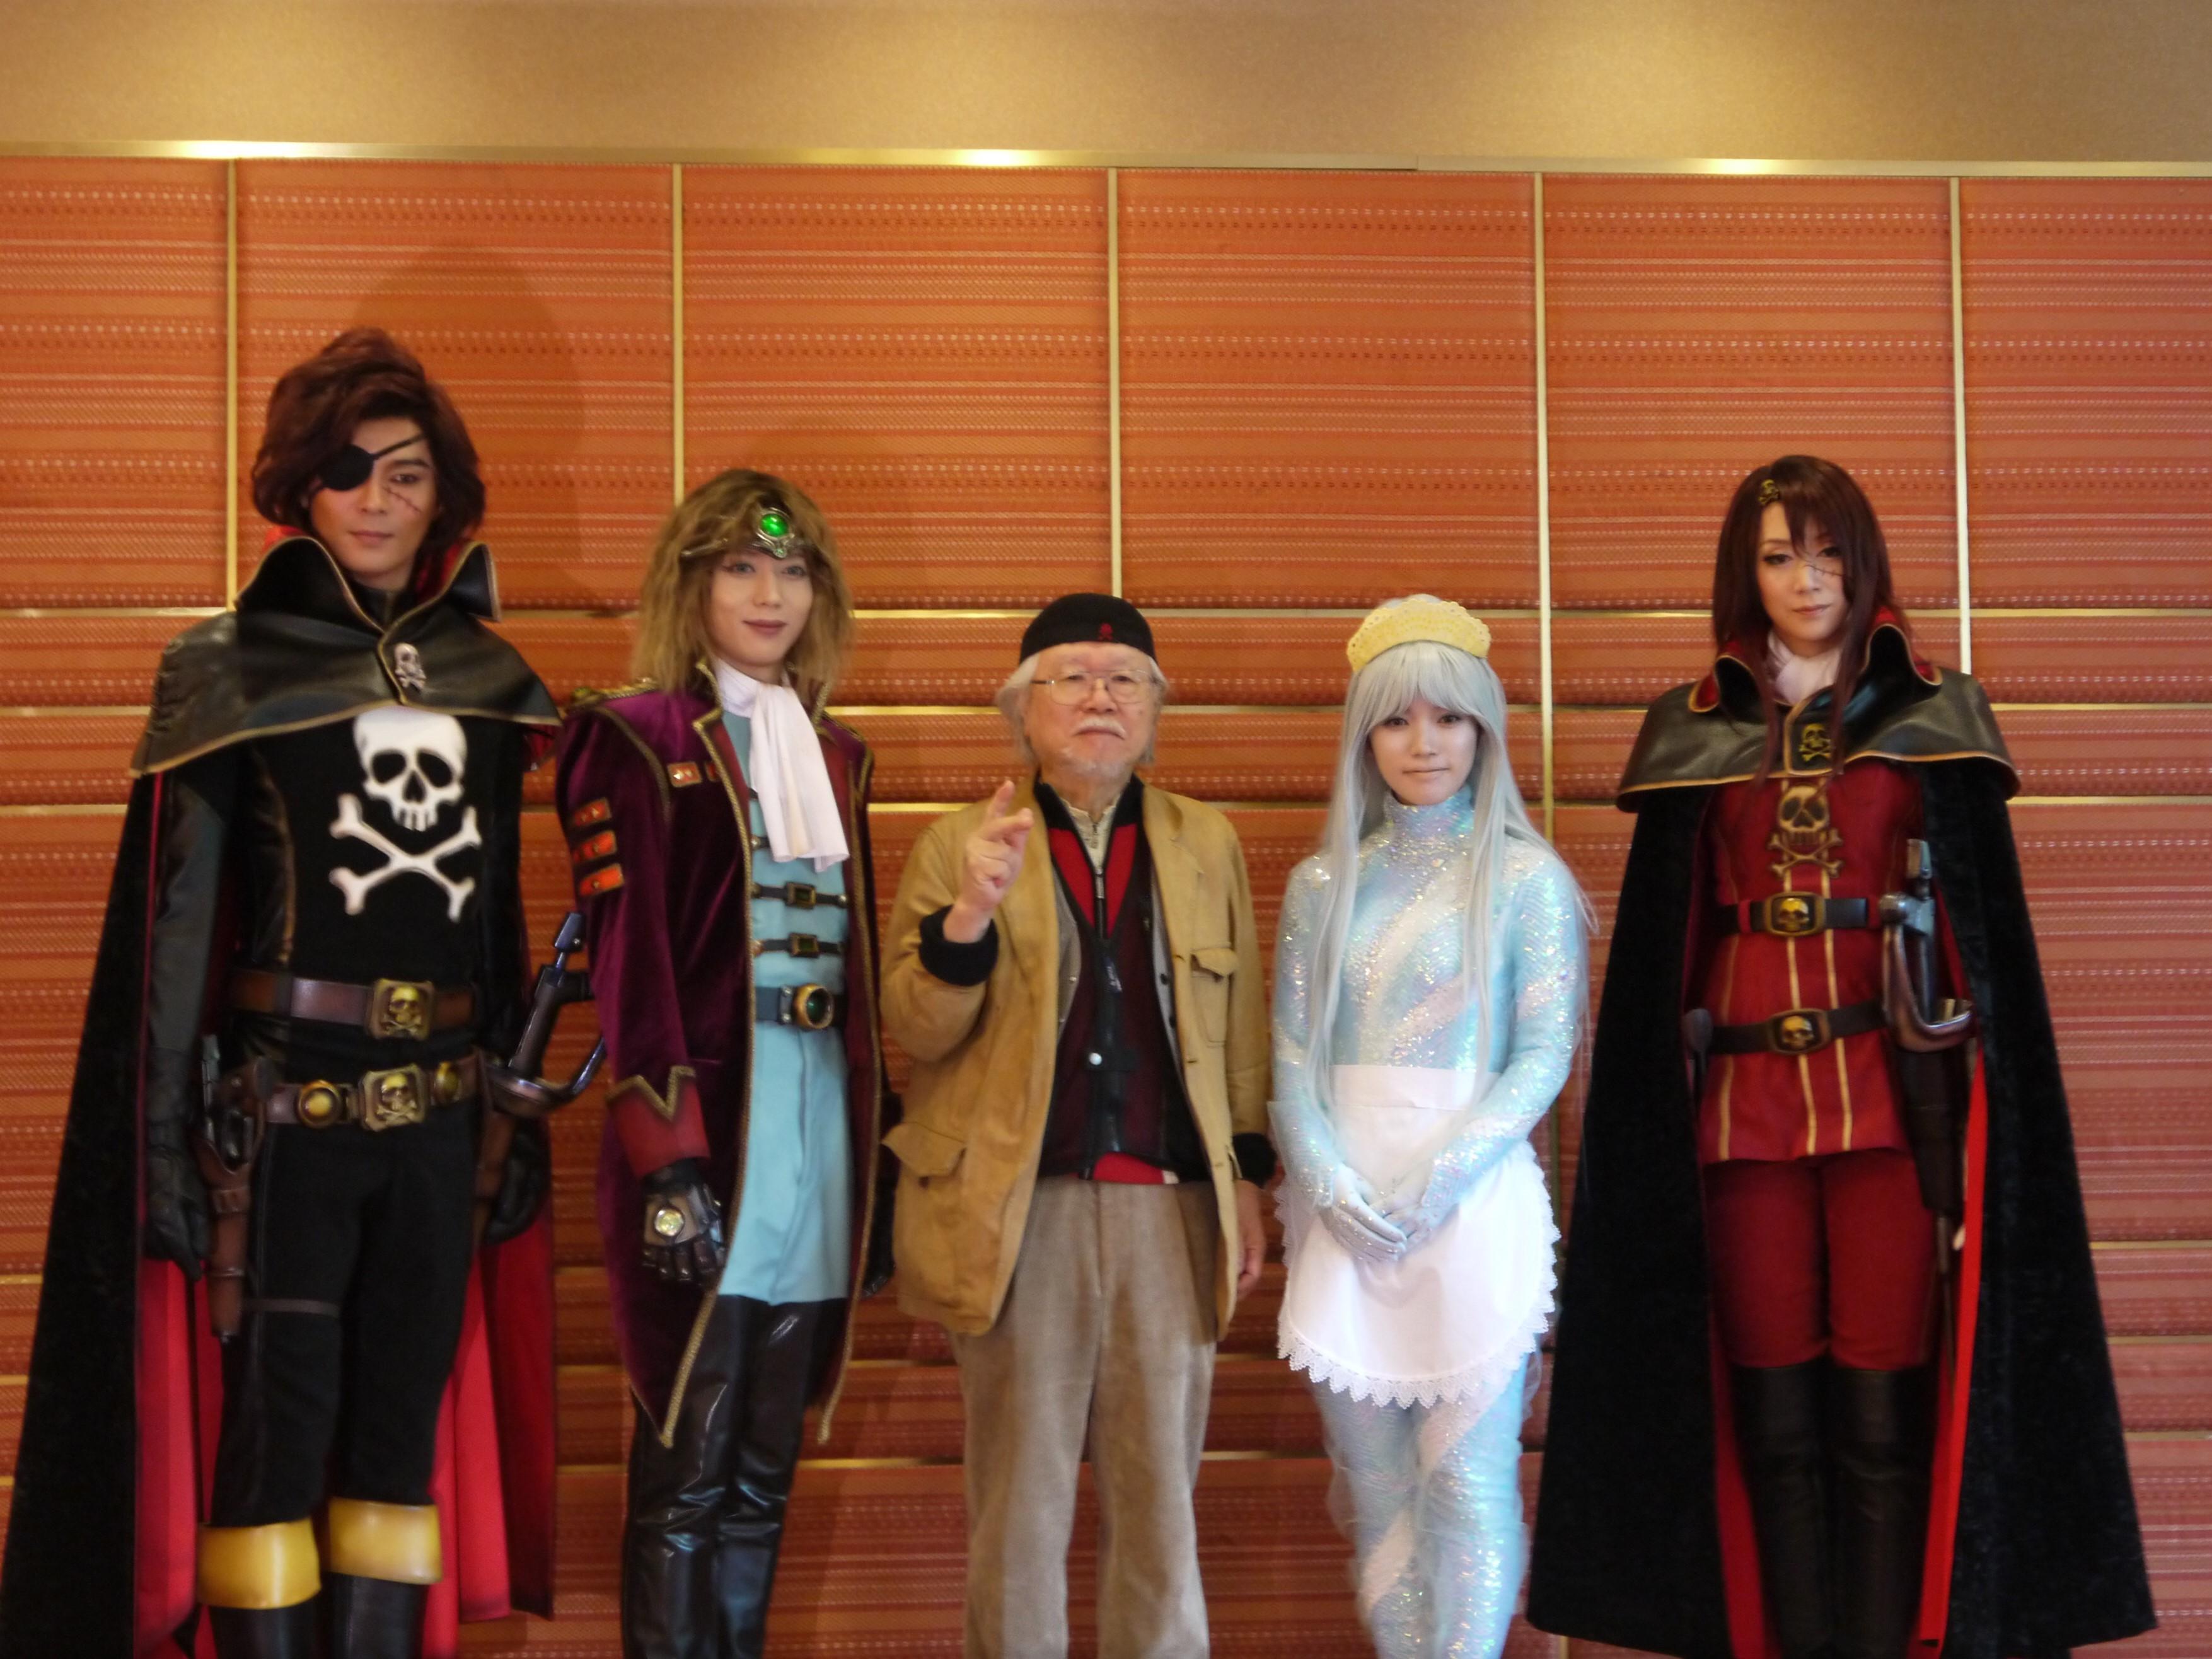 「後列の方々の衣装をよく見せて!」というリクエストに応えて。左から、平方元基、染谷俊之、松本零士、美山加恋、凰稀かなめ